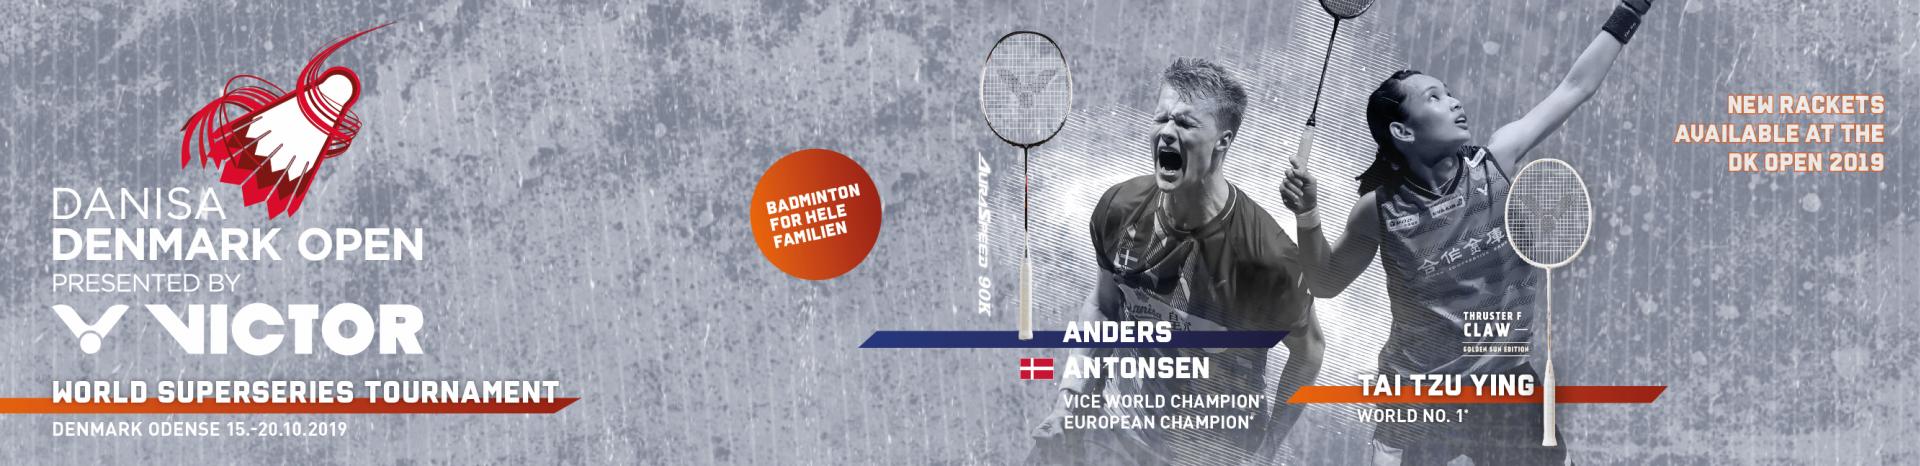 Denmark Open 2019